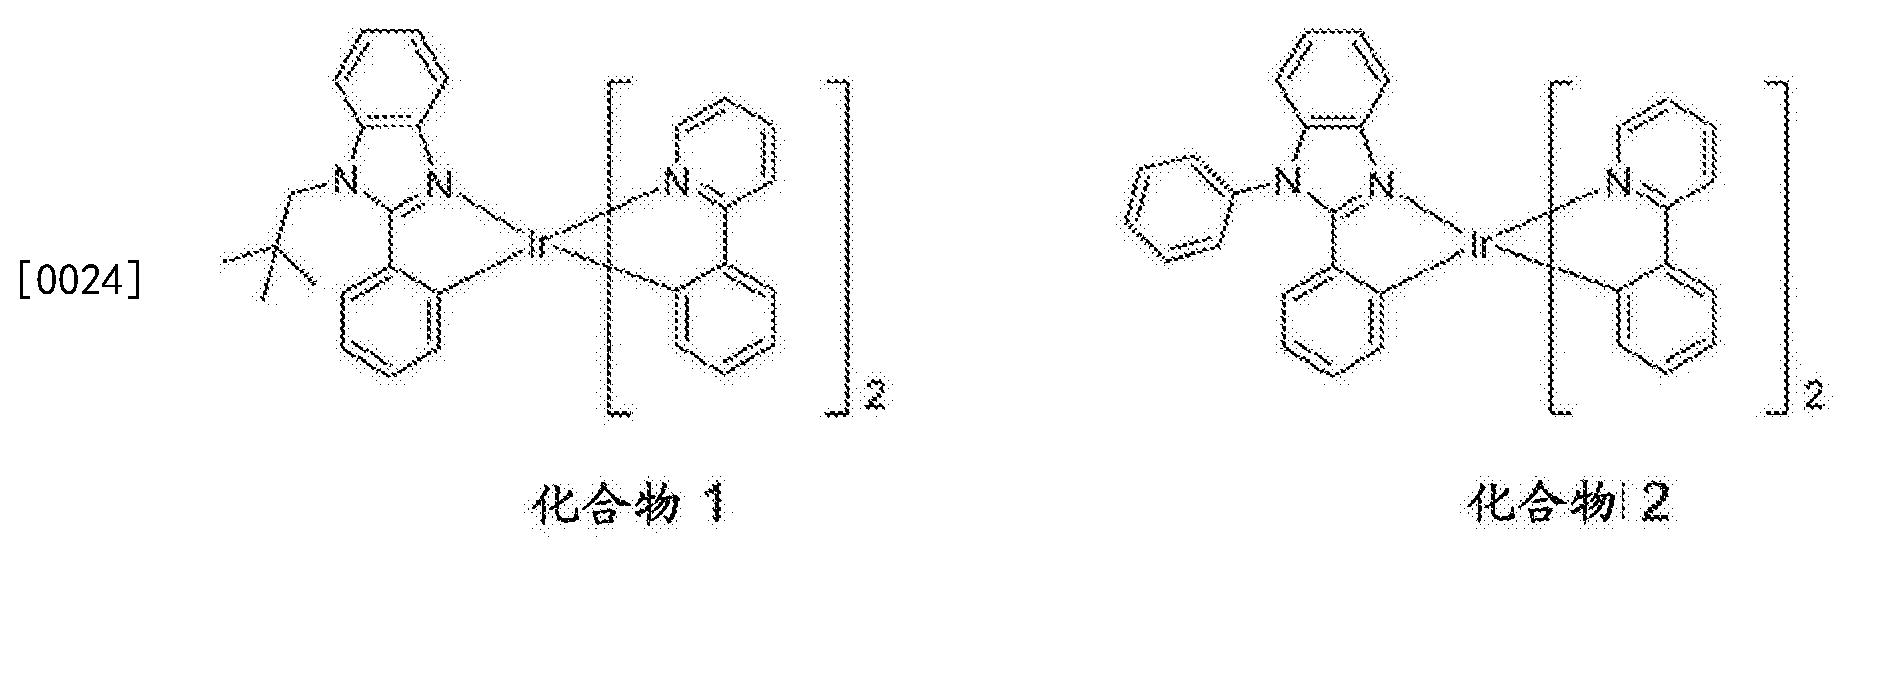 Figure CN103396455BD00122